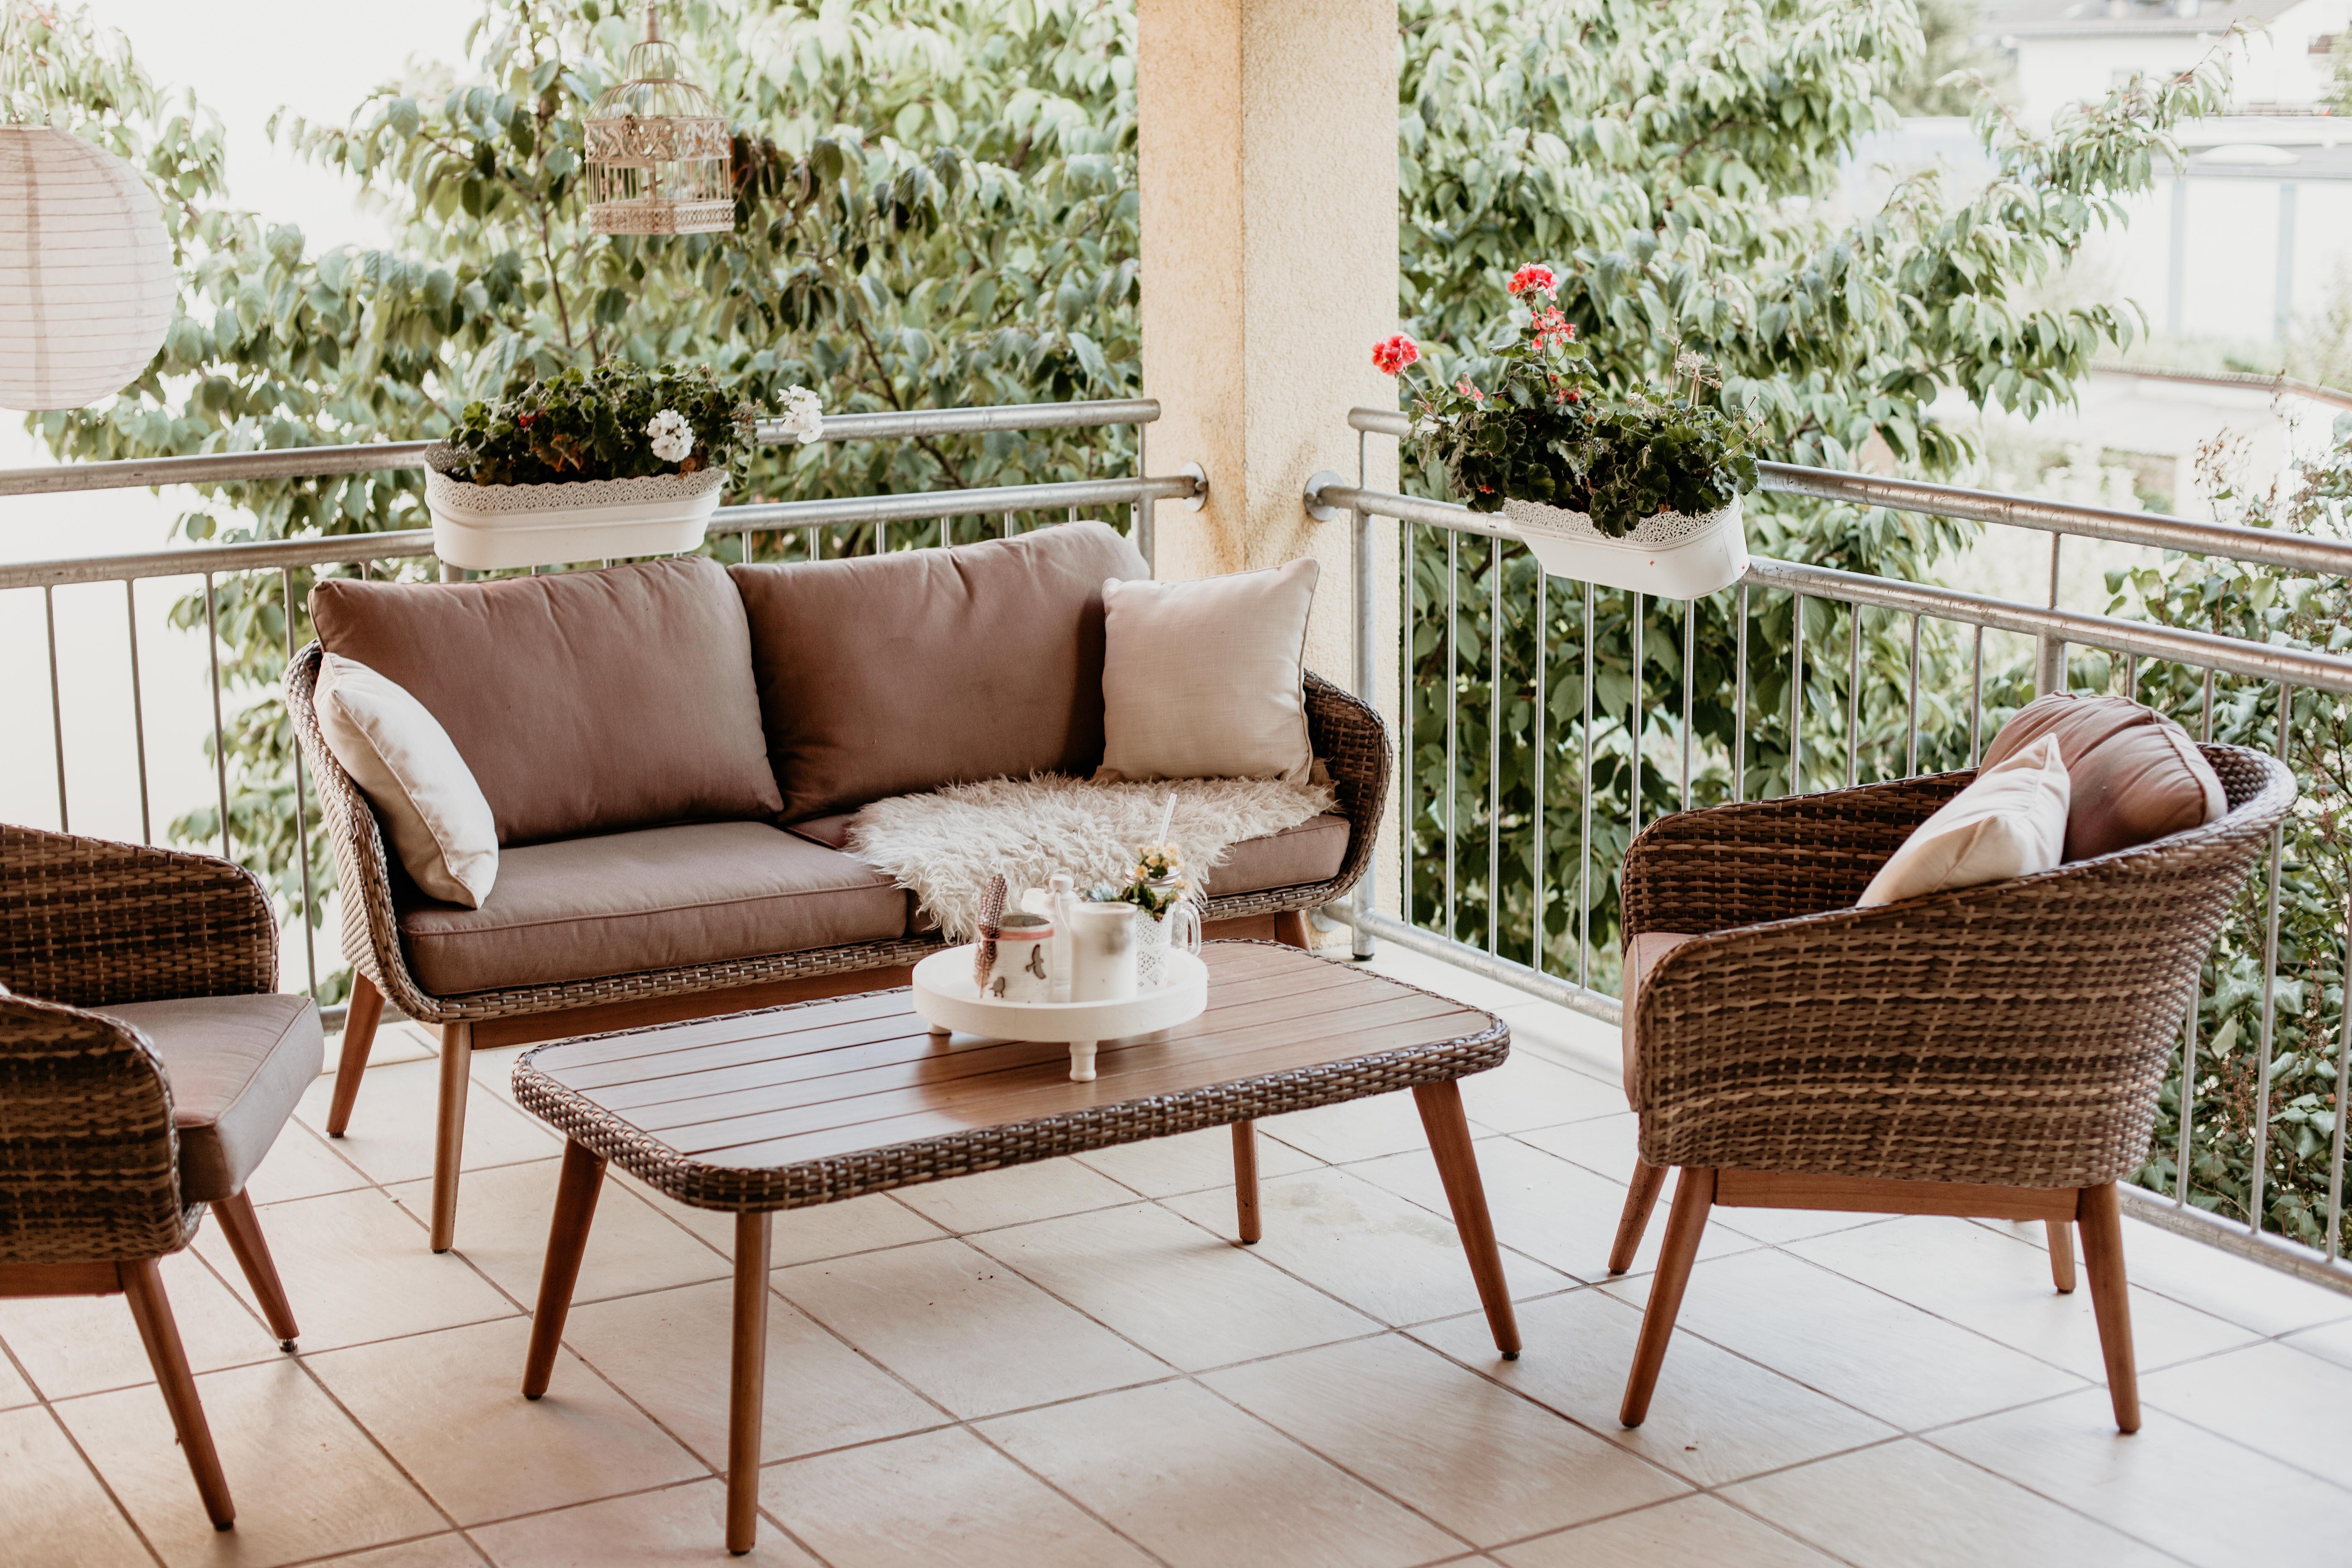 Diy Windlicht Unsere Gemutliche Lounge Auf Dem Balkon Always